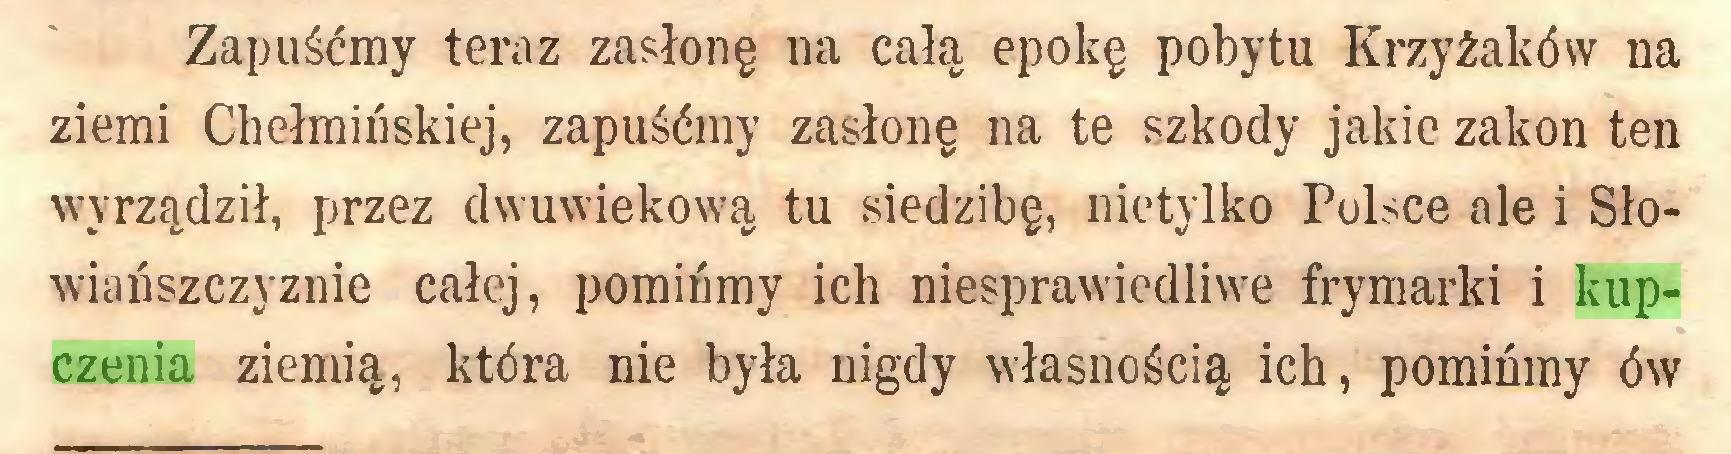 (...) Zapuśćmy teraz zasłonę na całą epokę pobytu Krzyżaków na ziemi Chełmińskiej, zapuśćmy zasłonę na te szkody jakie zakon ten wyrządził, przez dwuwiekową tu siedzibę, nietylko Polsce ale i Słowiańszczyznie całej, pomińmy ich niesprawiedliwe frymarki i kupczenia ziemią, która nie była nigdy własnością ich, pomińmy ów...